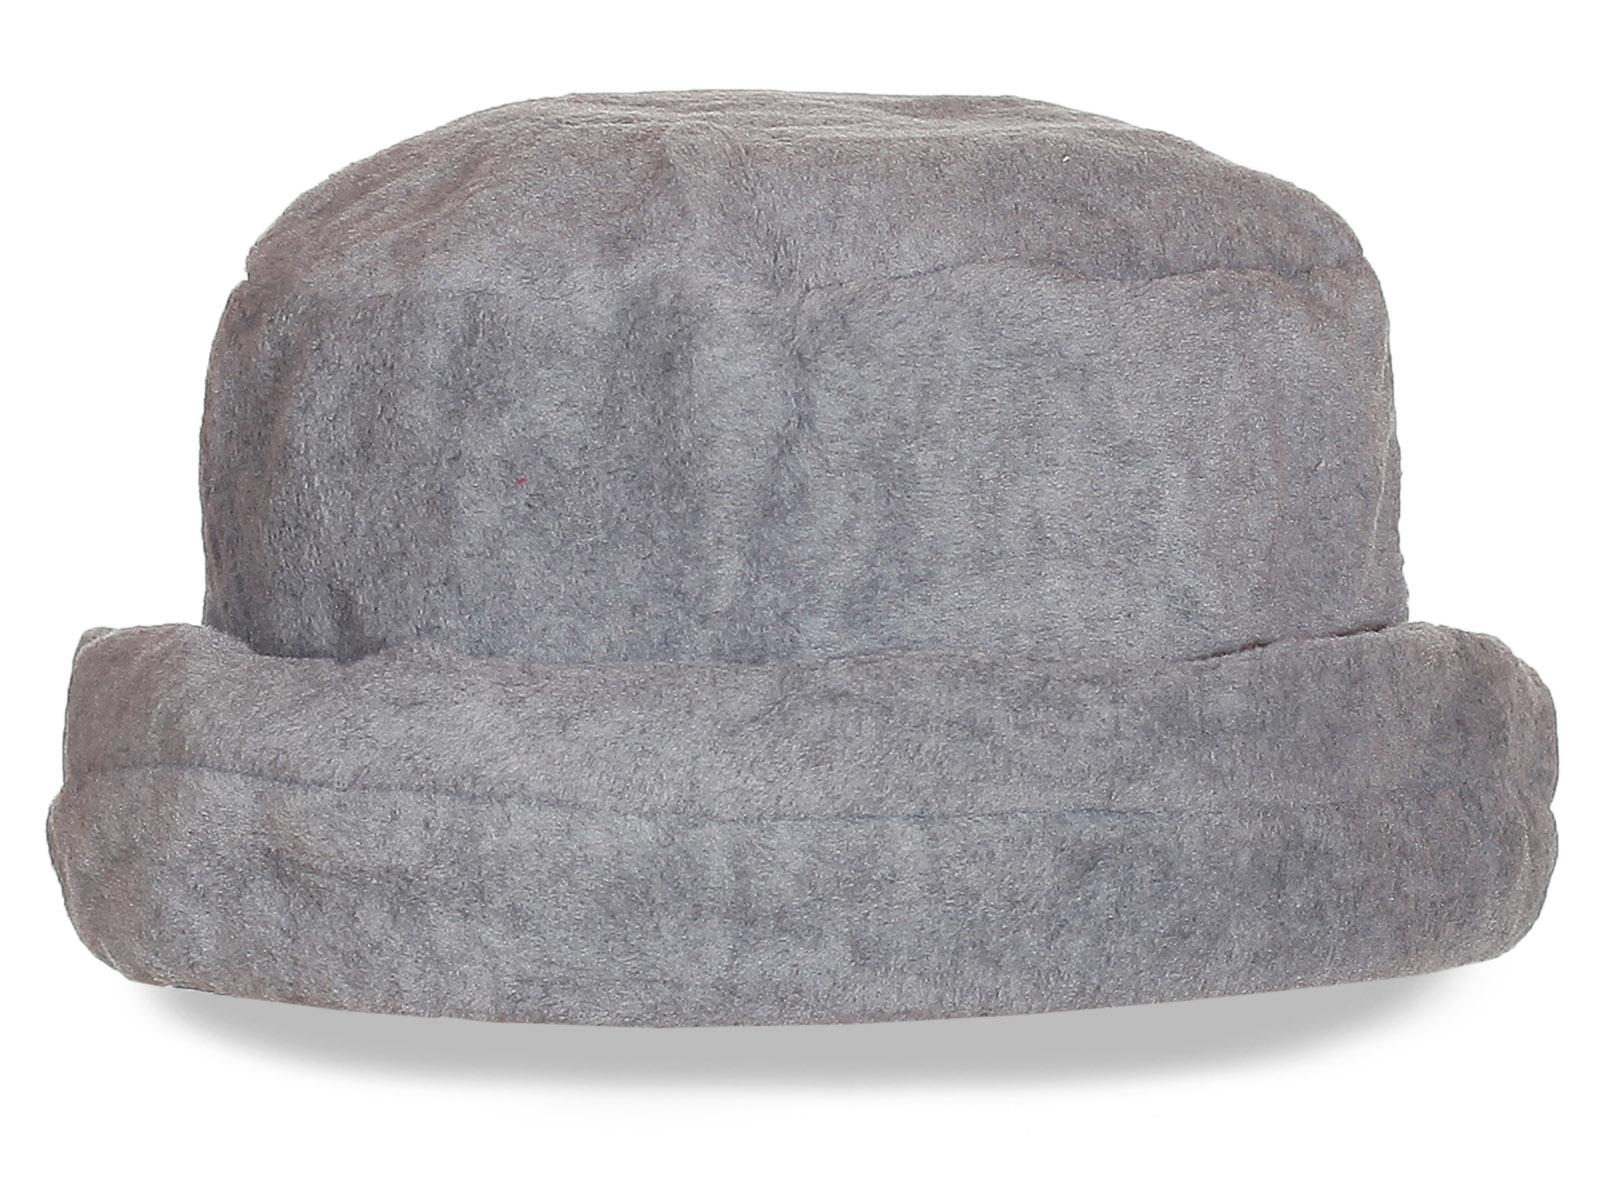 Однотонная серая шляпка. Утепленная модель